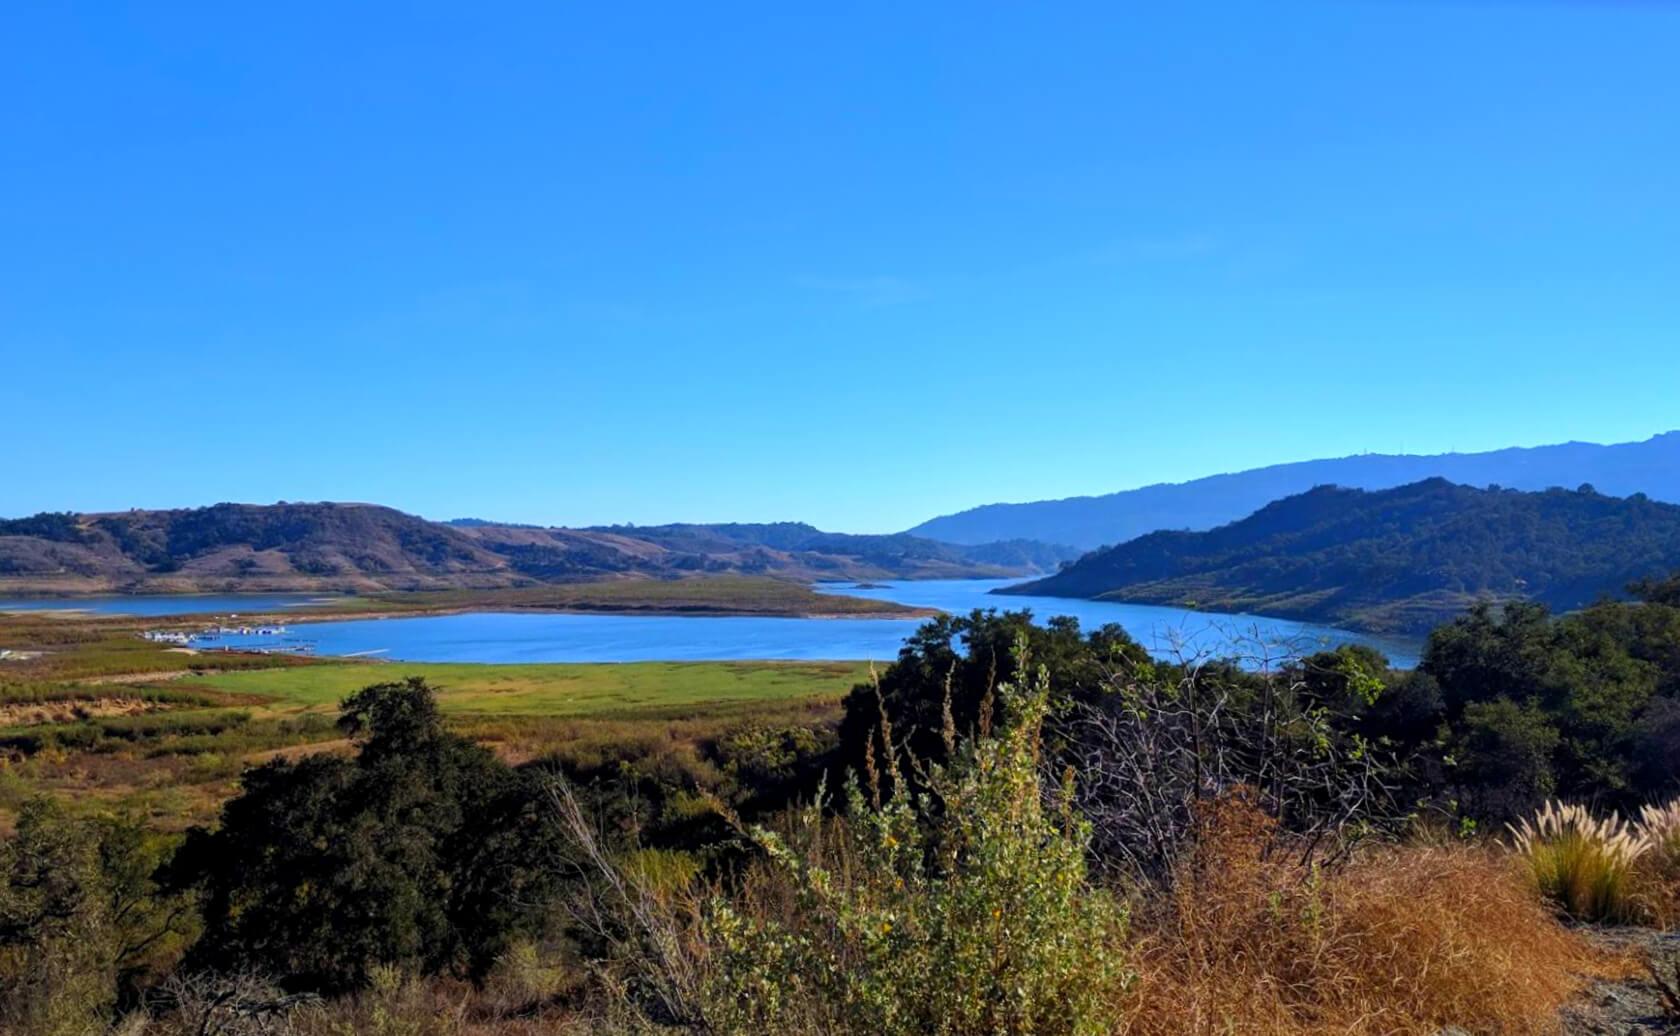 Casitas-Lake-Fishing-Guide-Report-California-01